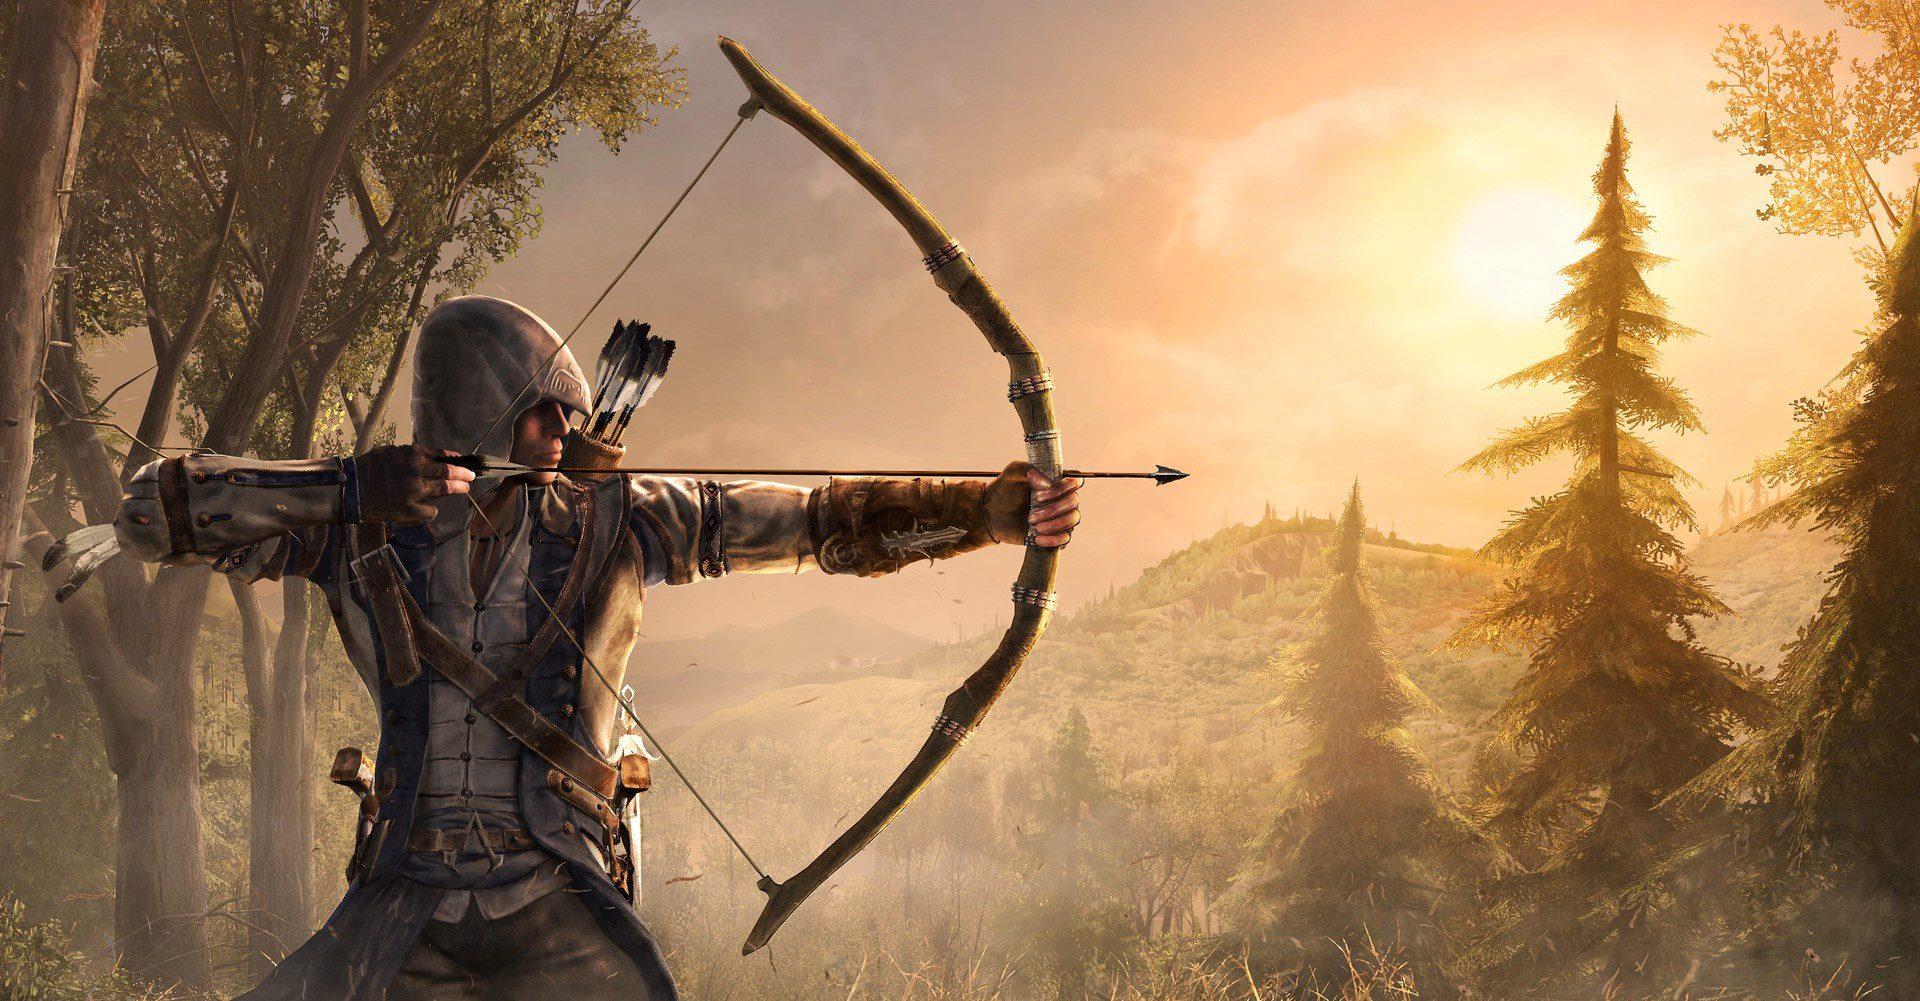 Композитор Assassin's Creed 3: Liberation получил премию за главную тему игры в номинации «Лучшая вокальная партия».. - Изображение 1